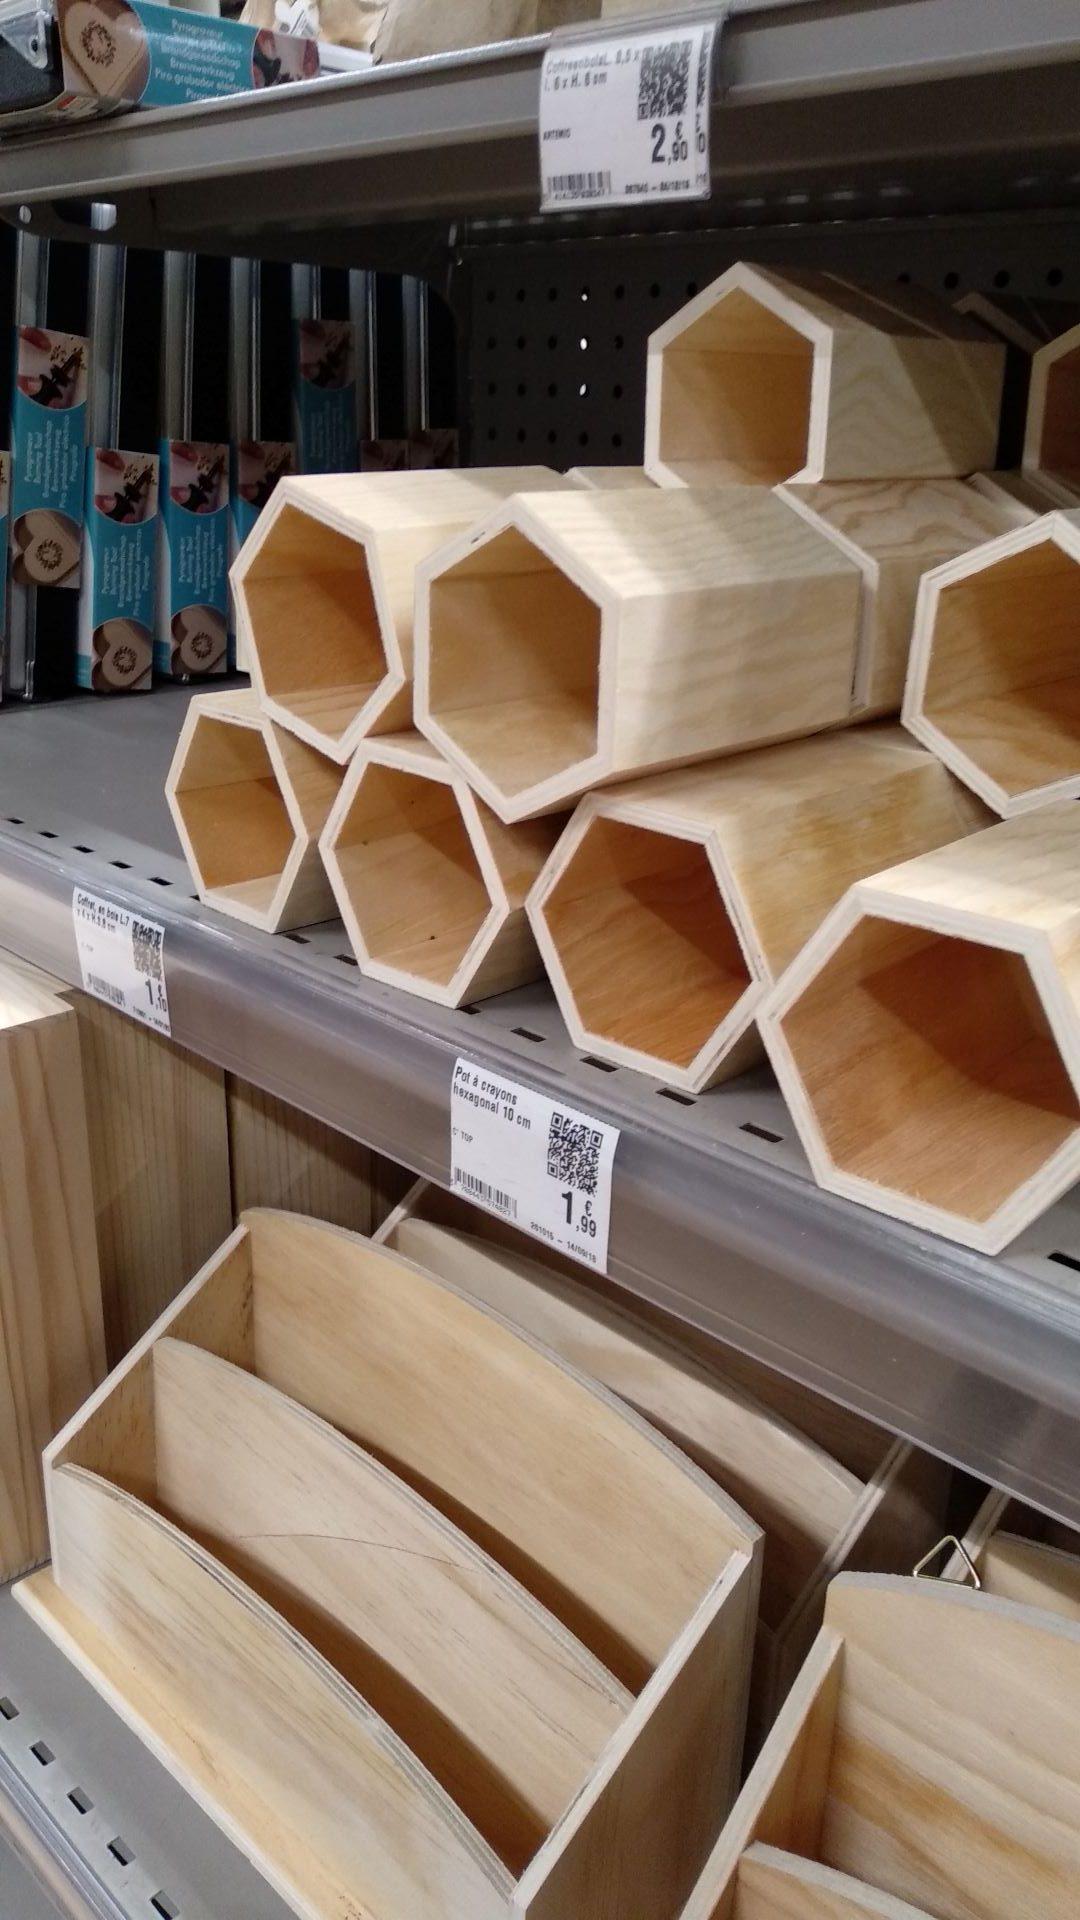 boîtes à crayon en rayon de magasin